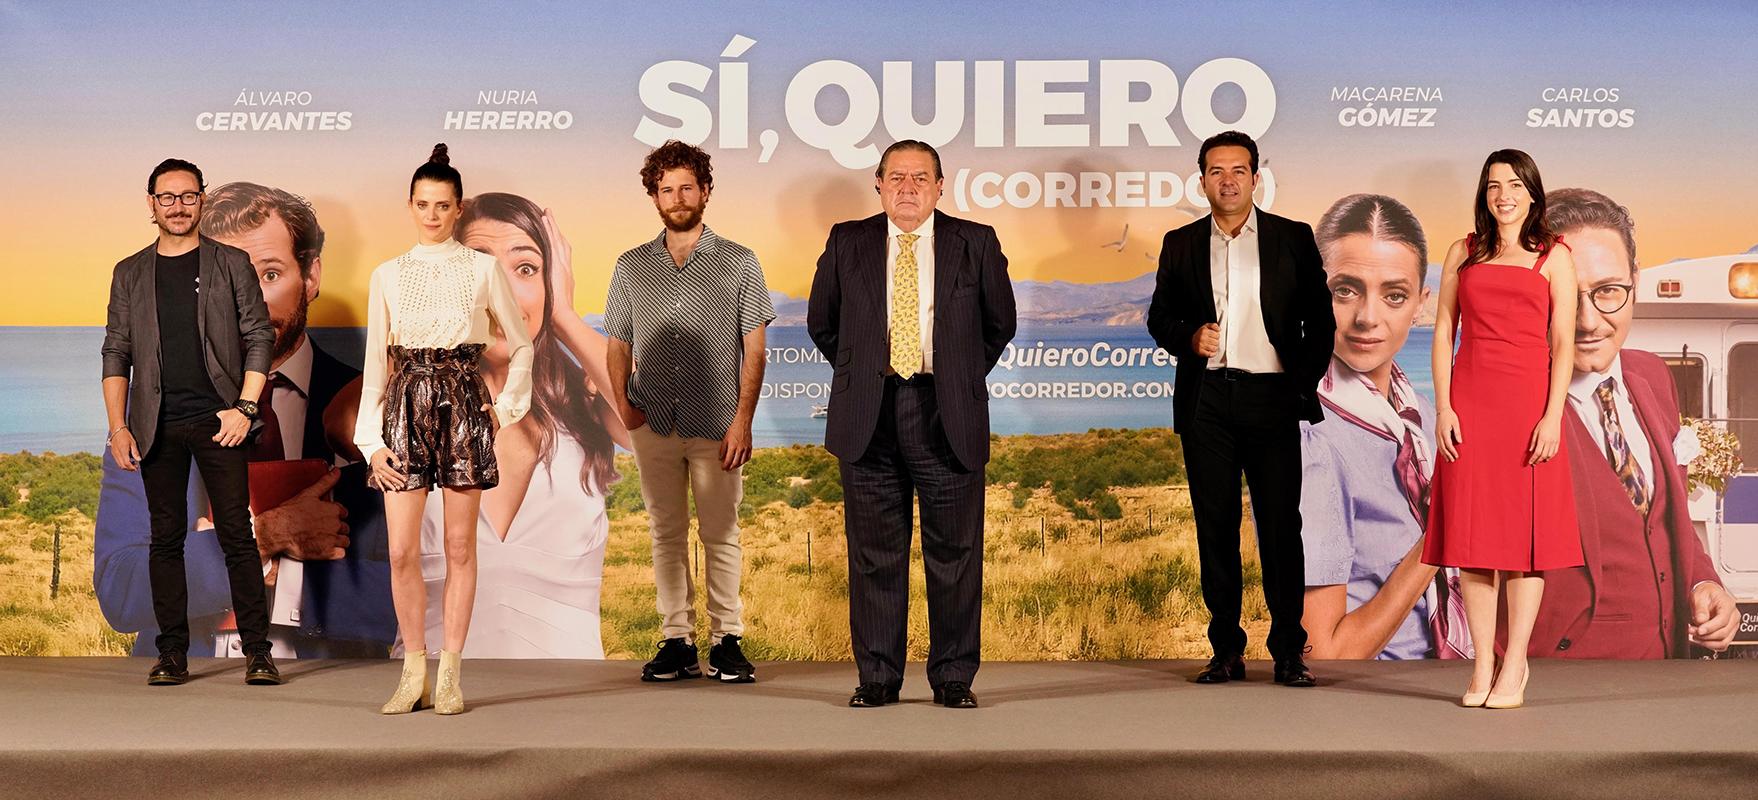 Carlos Santos, Macarena Gómez, Álvaro Cervantes, Vicente Boluda, Alfonso Sánchez y Nuria Herrero en la presentación de Si, quiero (Corredor)